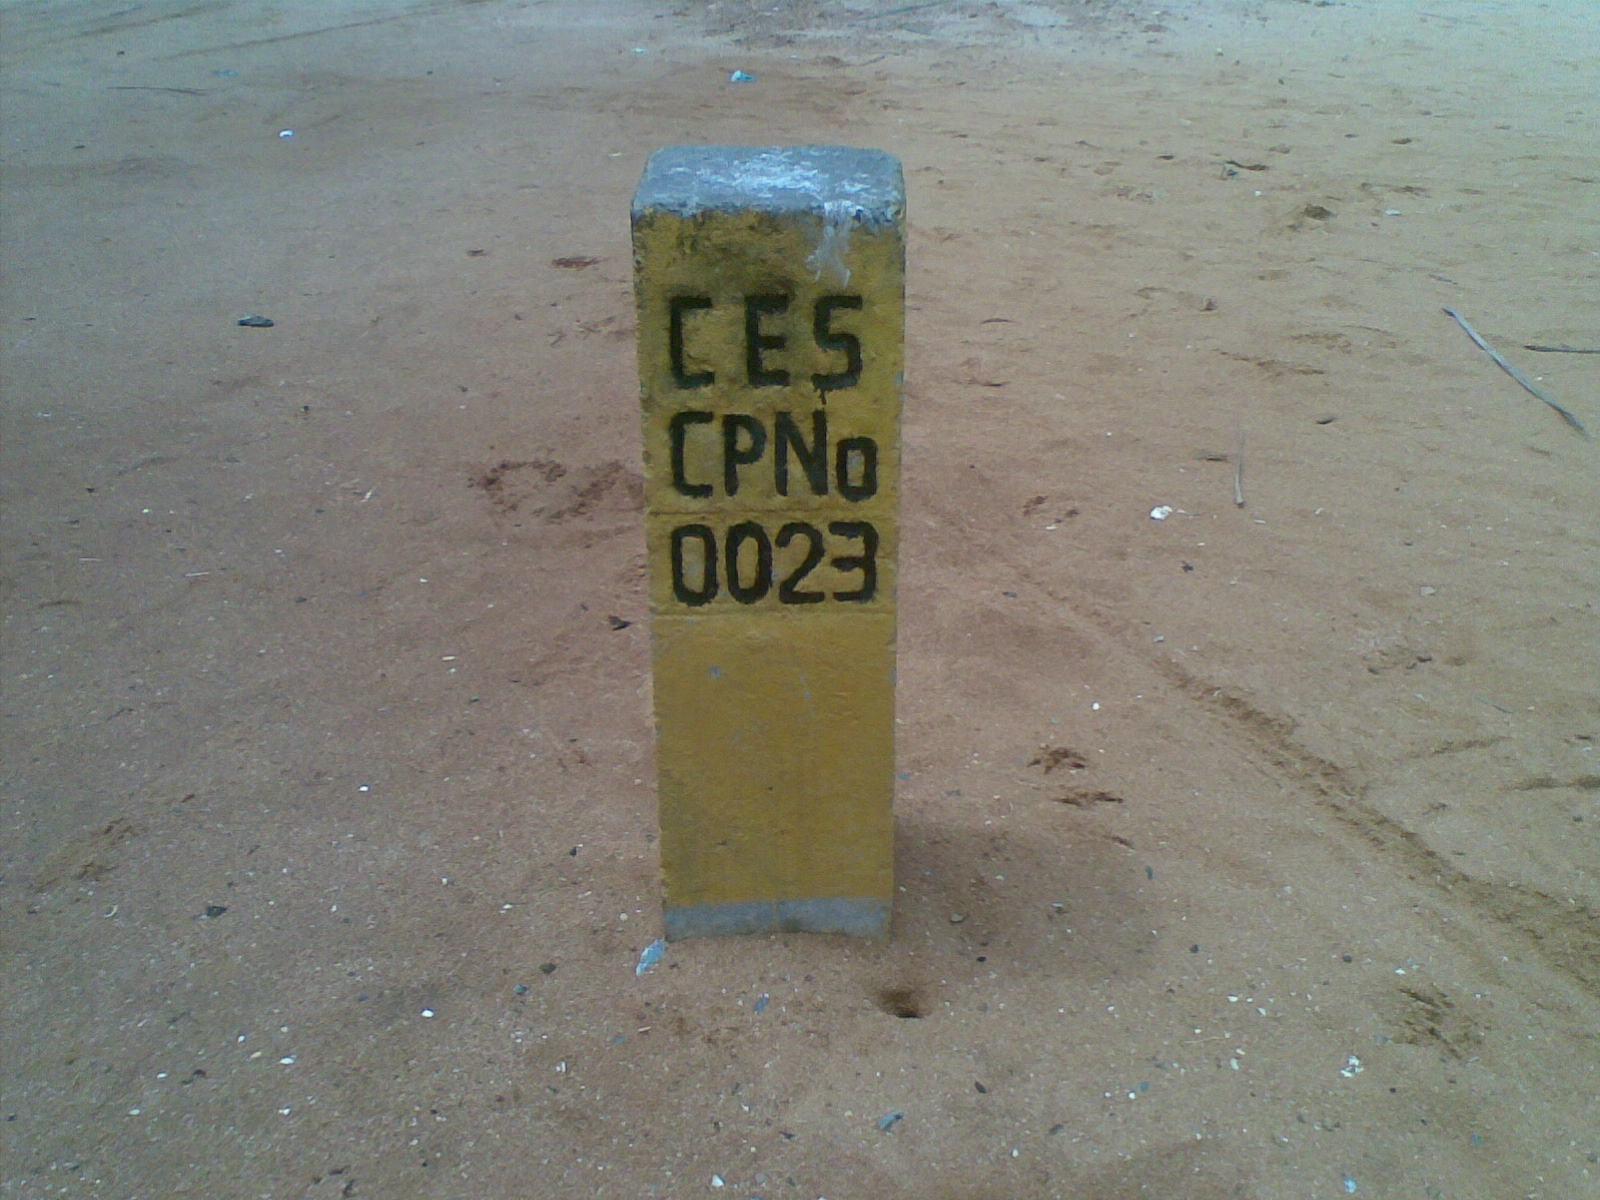 CES CPno 0023